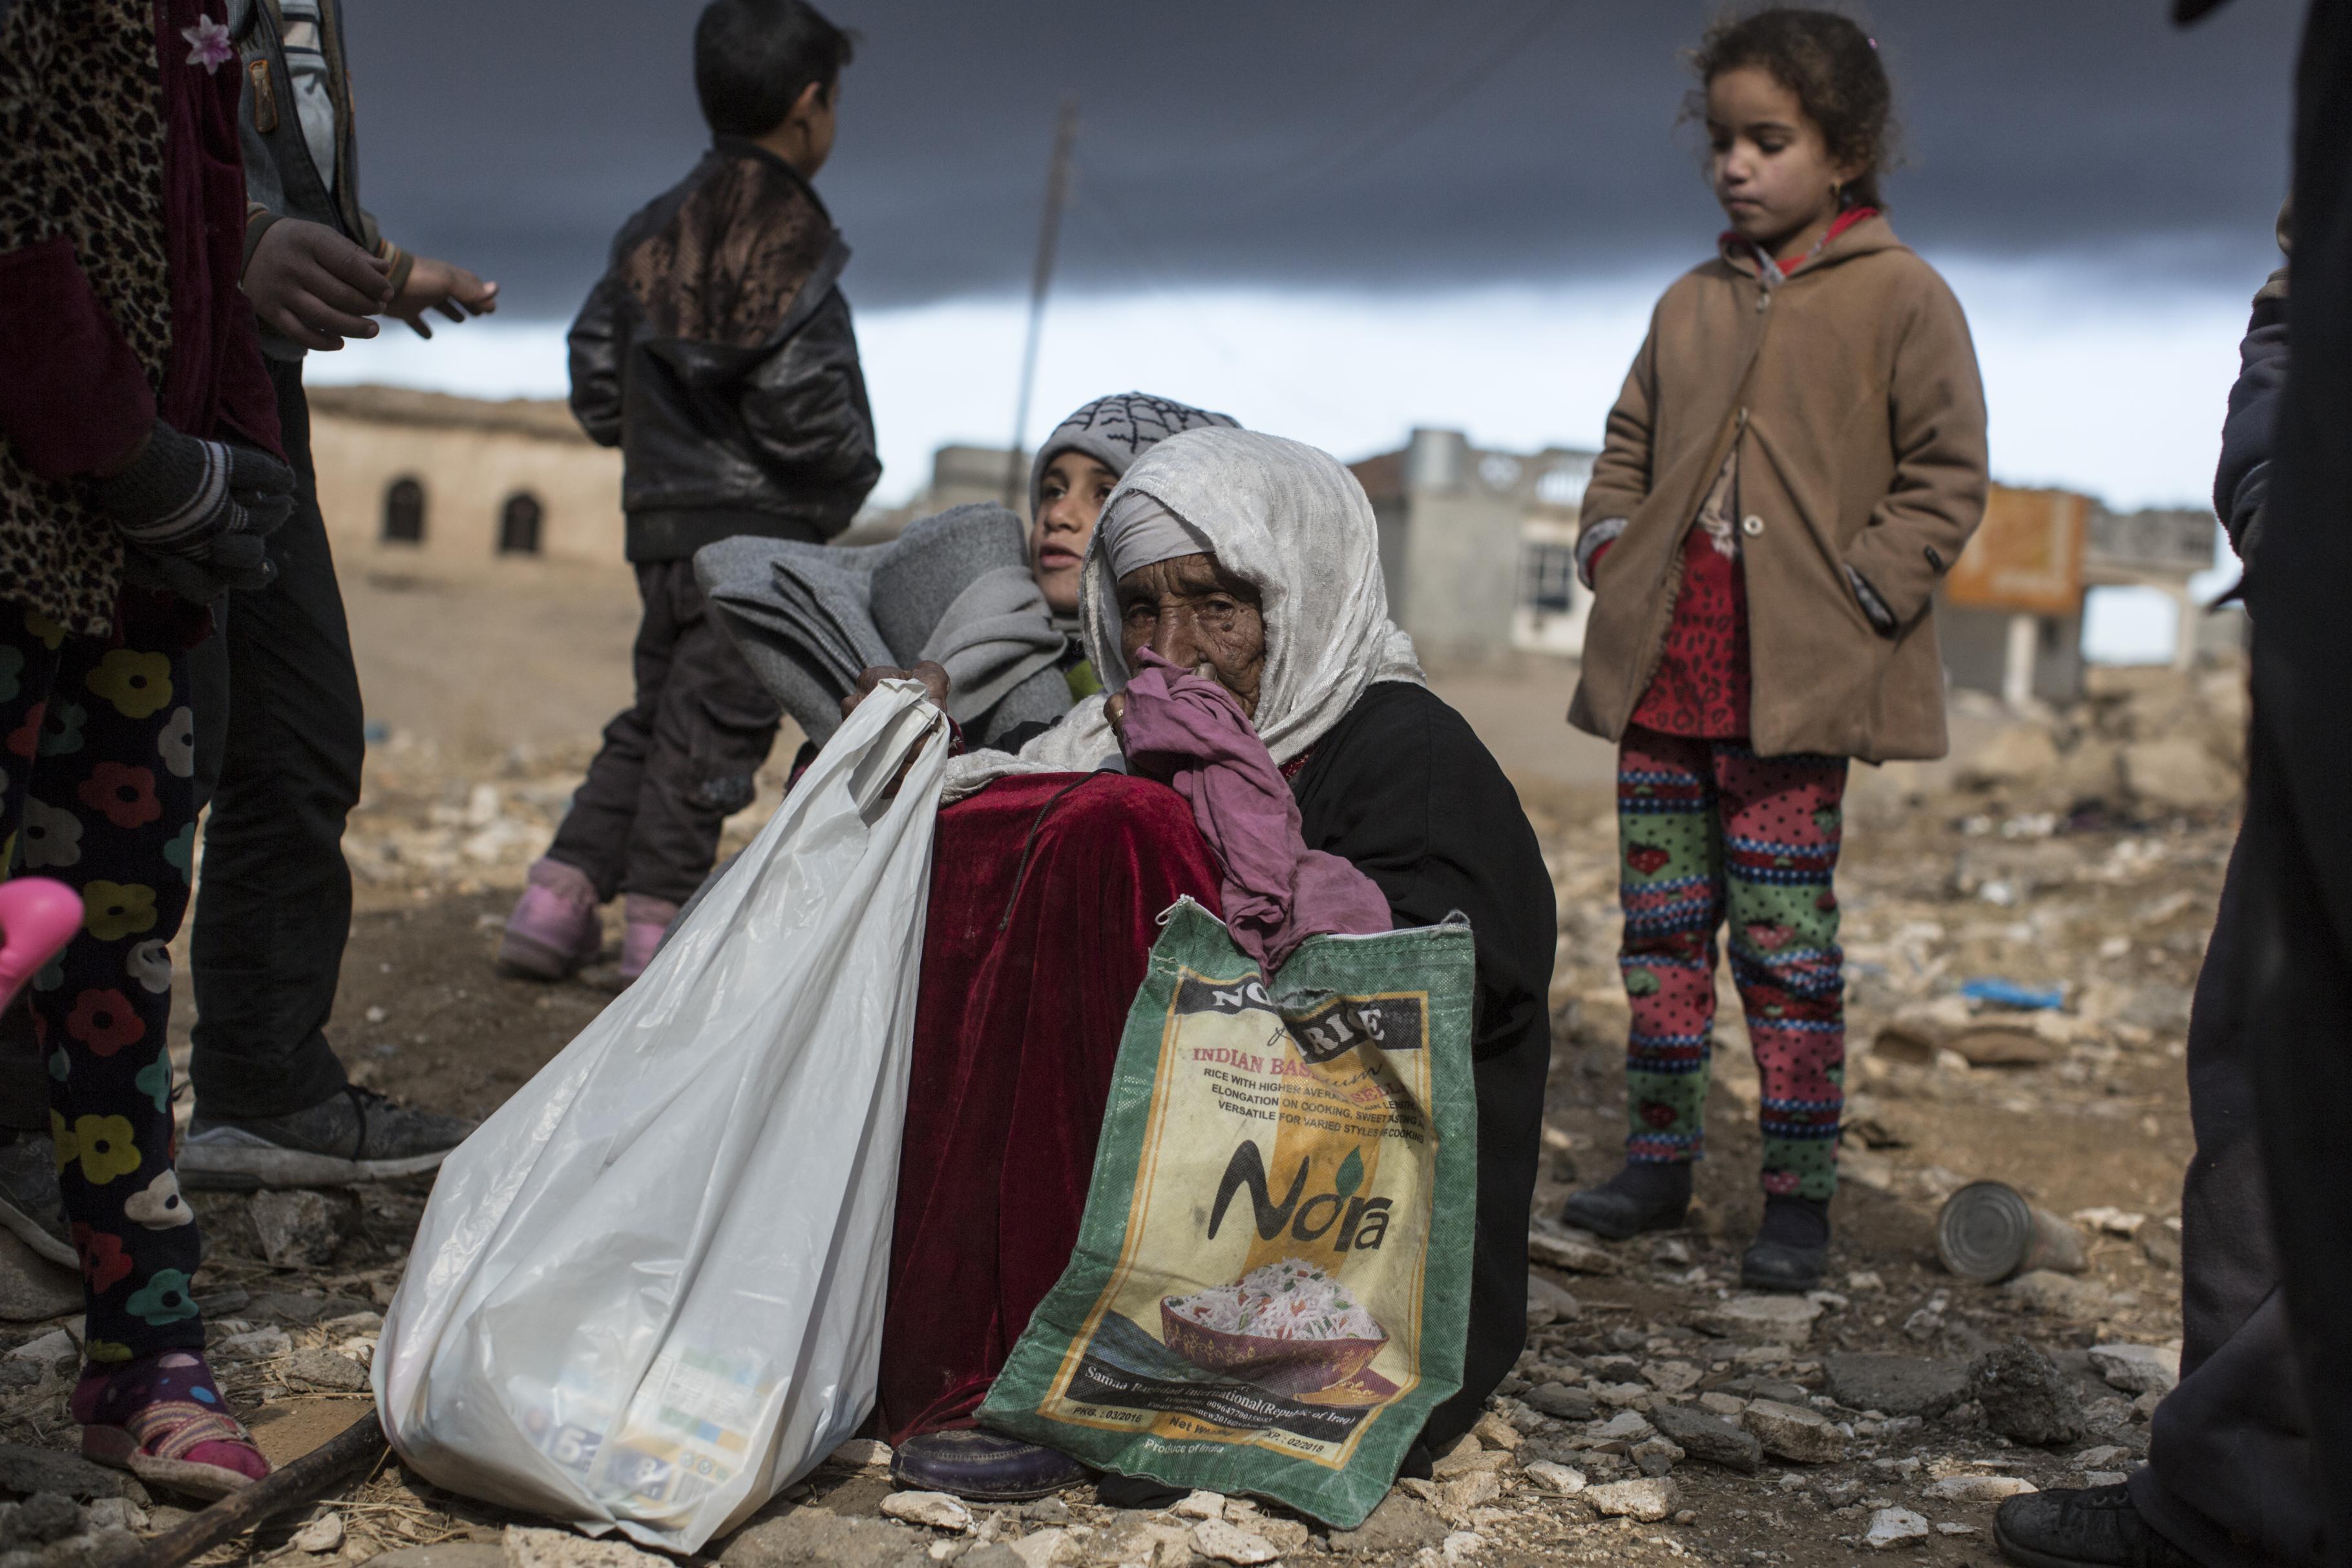 Eine alte Frau hockt auf dem Boden, in der Hand hält sie zwei Tragetaschen. Im Hintergrund sind ein paar Kinder zu sehen